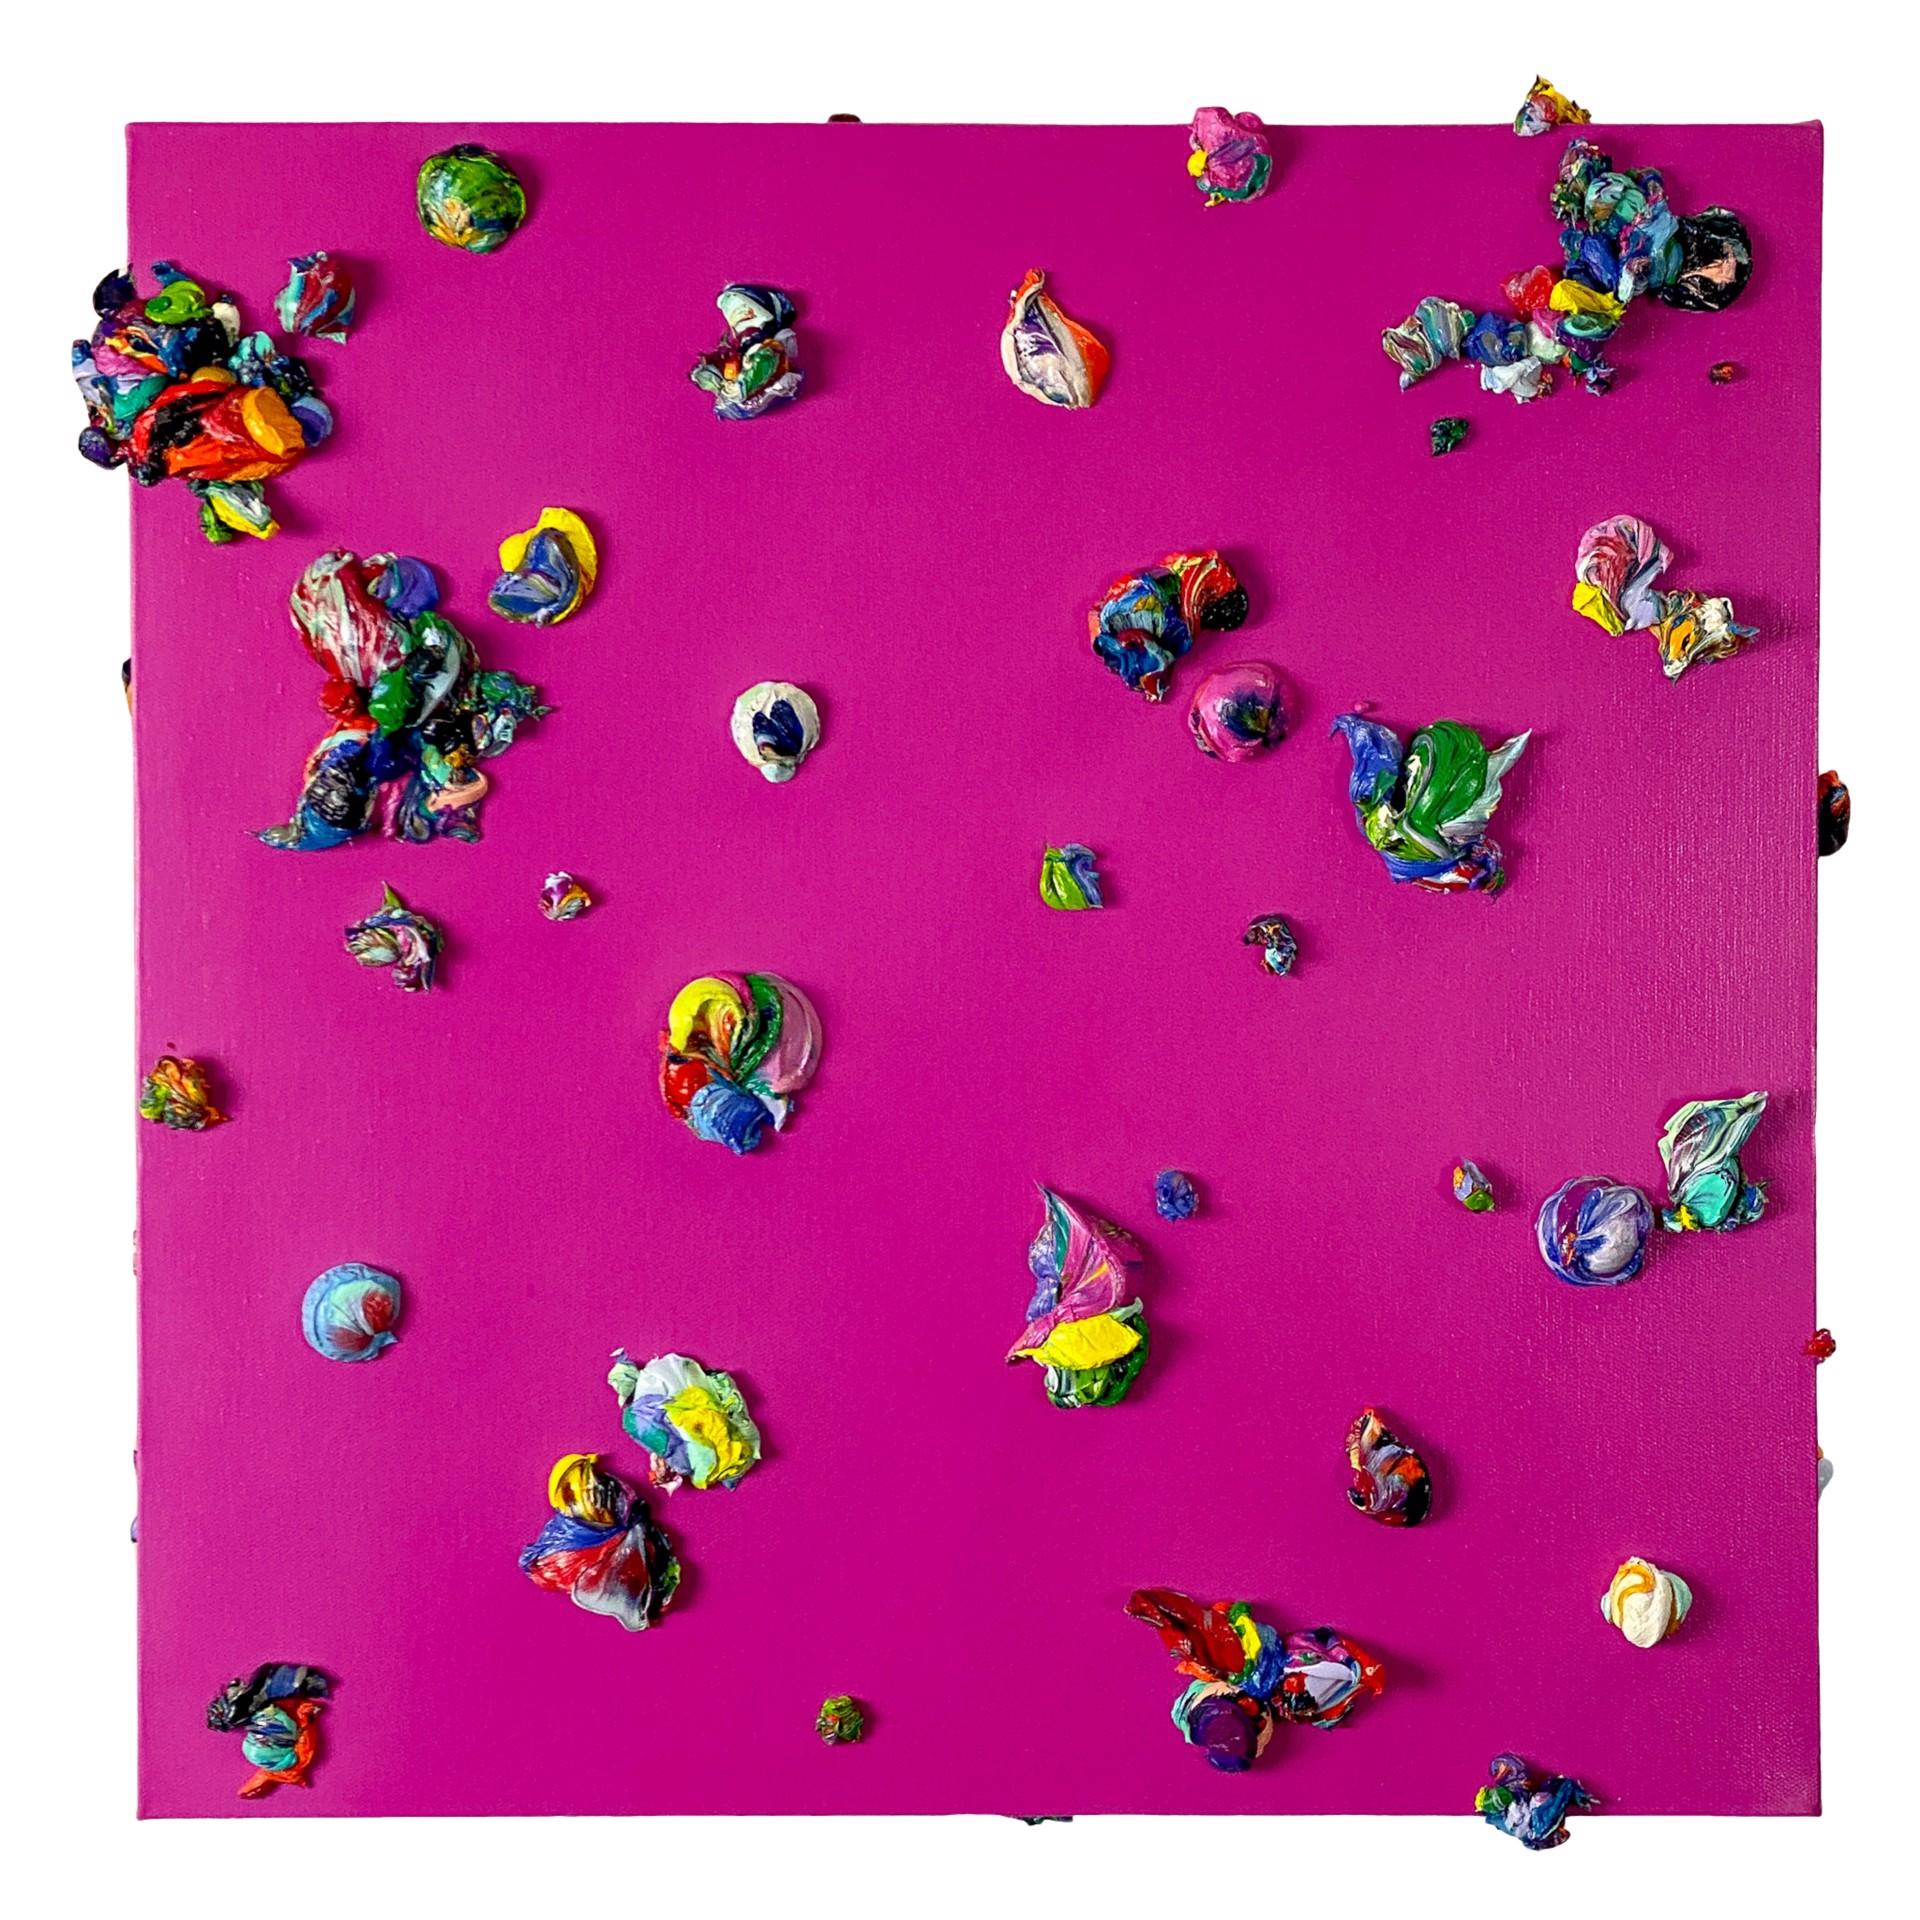 Candyland by Melissa Ellis